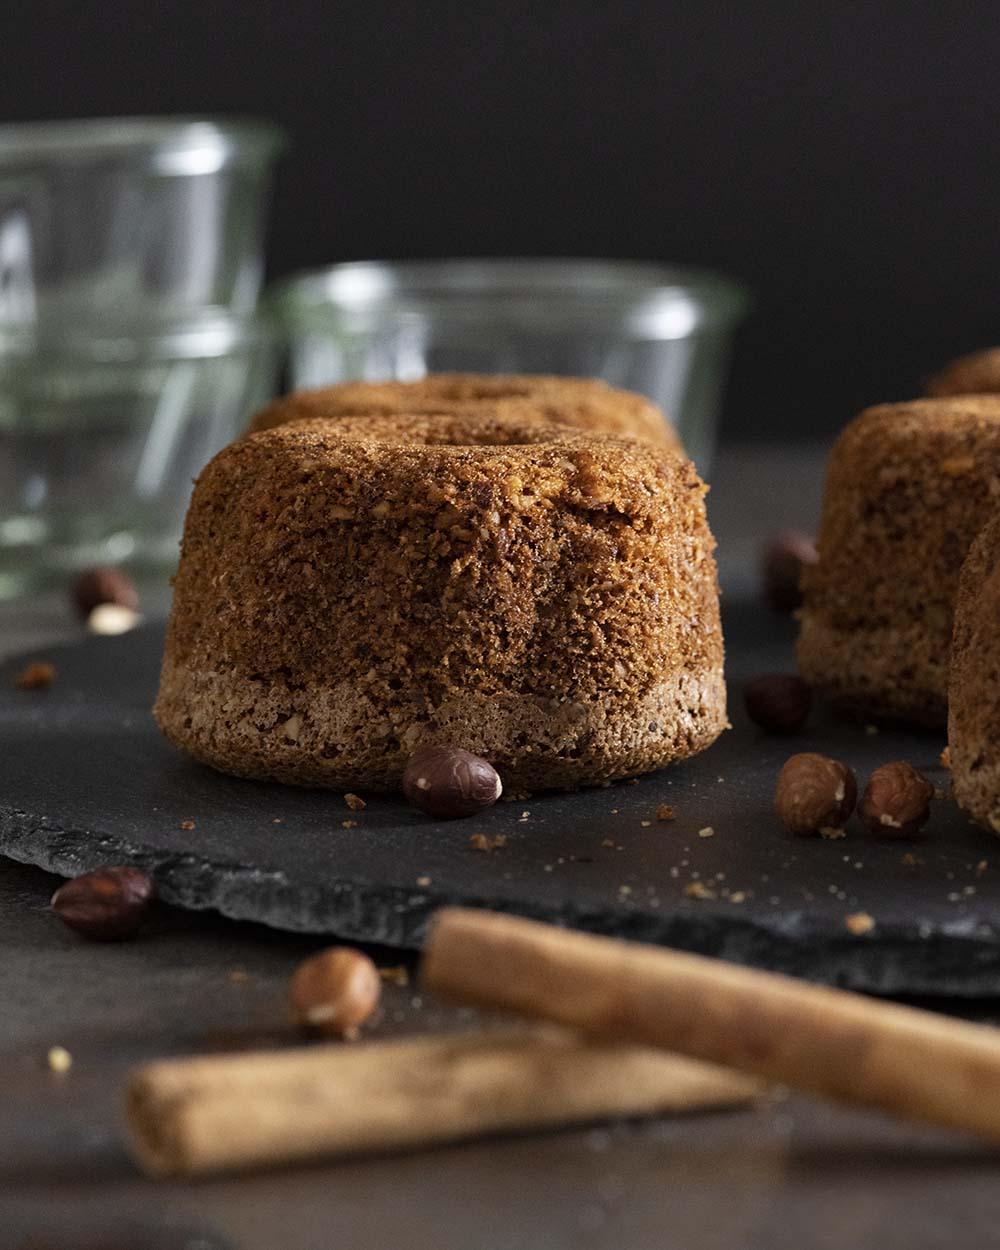 Ein fertig gebackener Nuss-Gugelhupf auf einer Kuchenplatte. Noch ist er ohne Zuckerglasur.